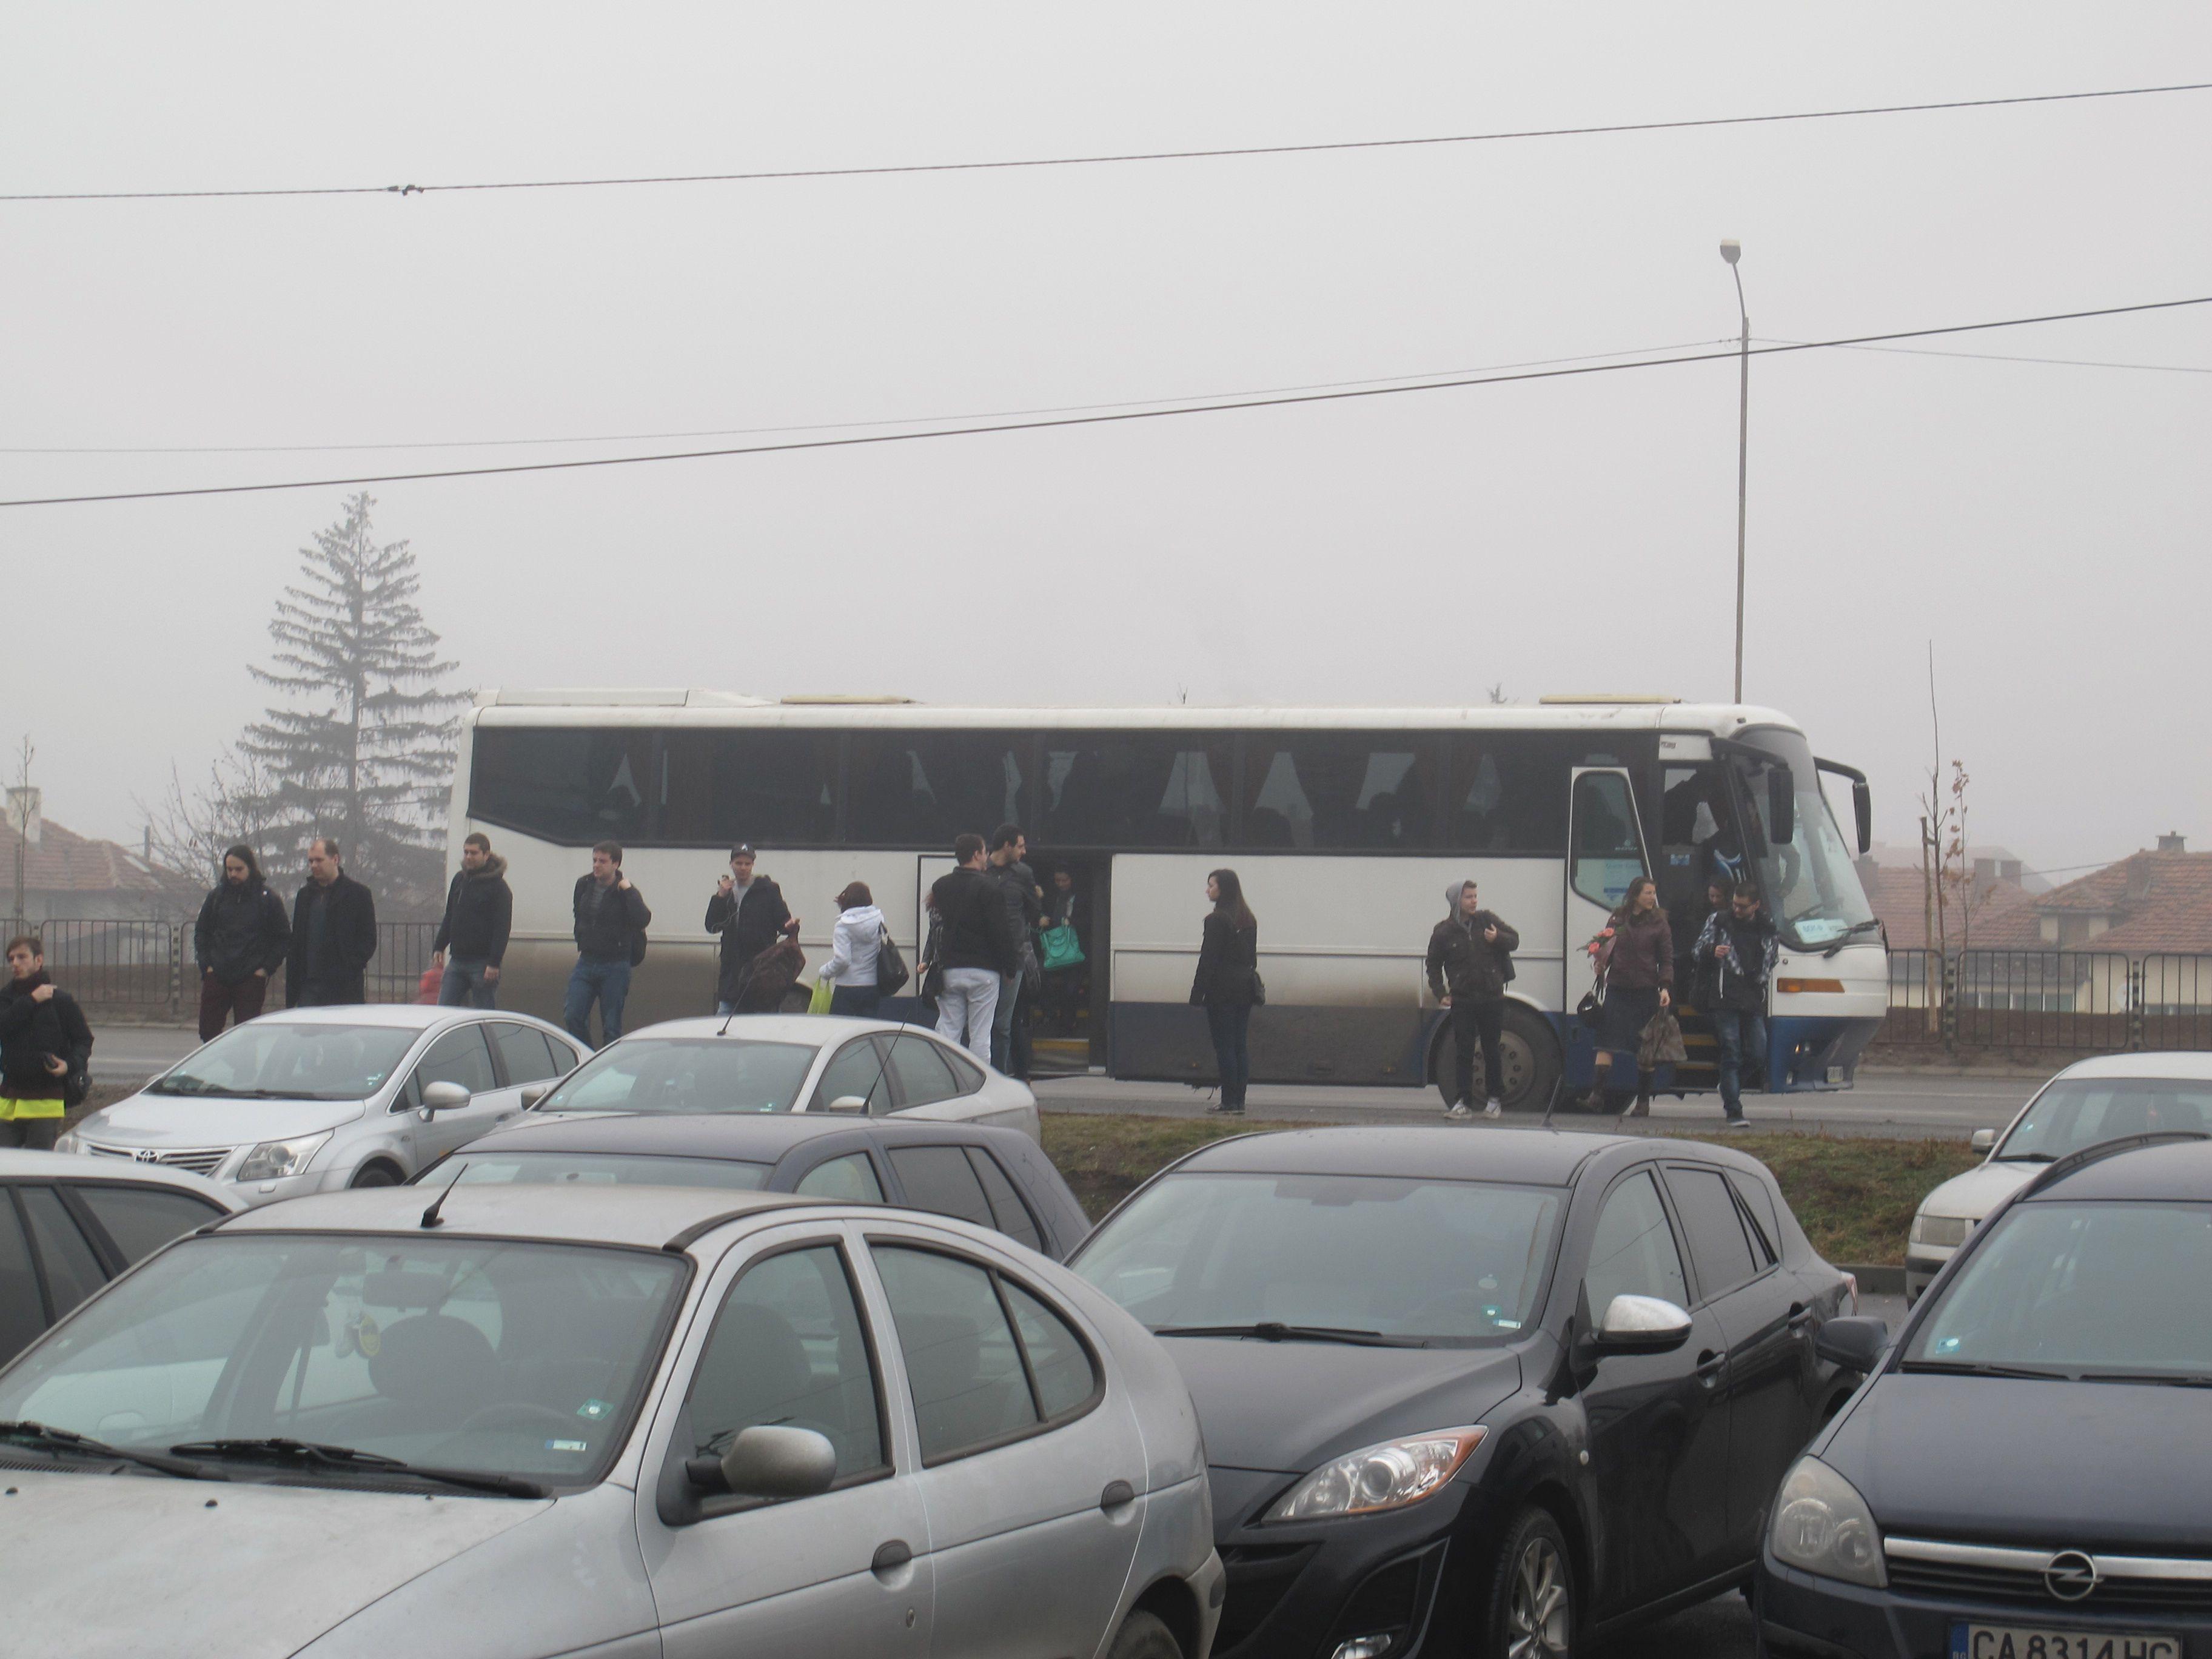 L'arrivée du bus devant le site de Sofia